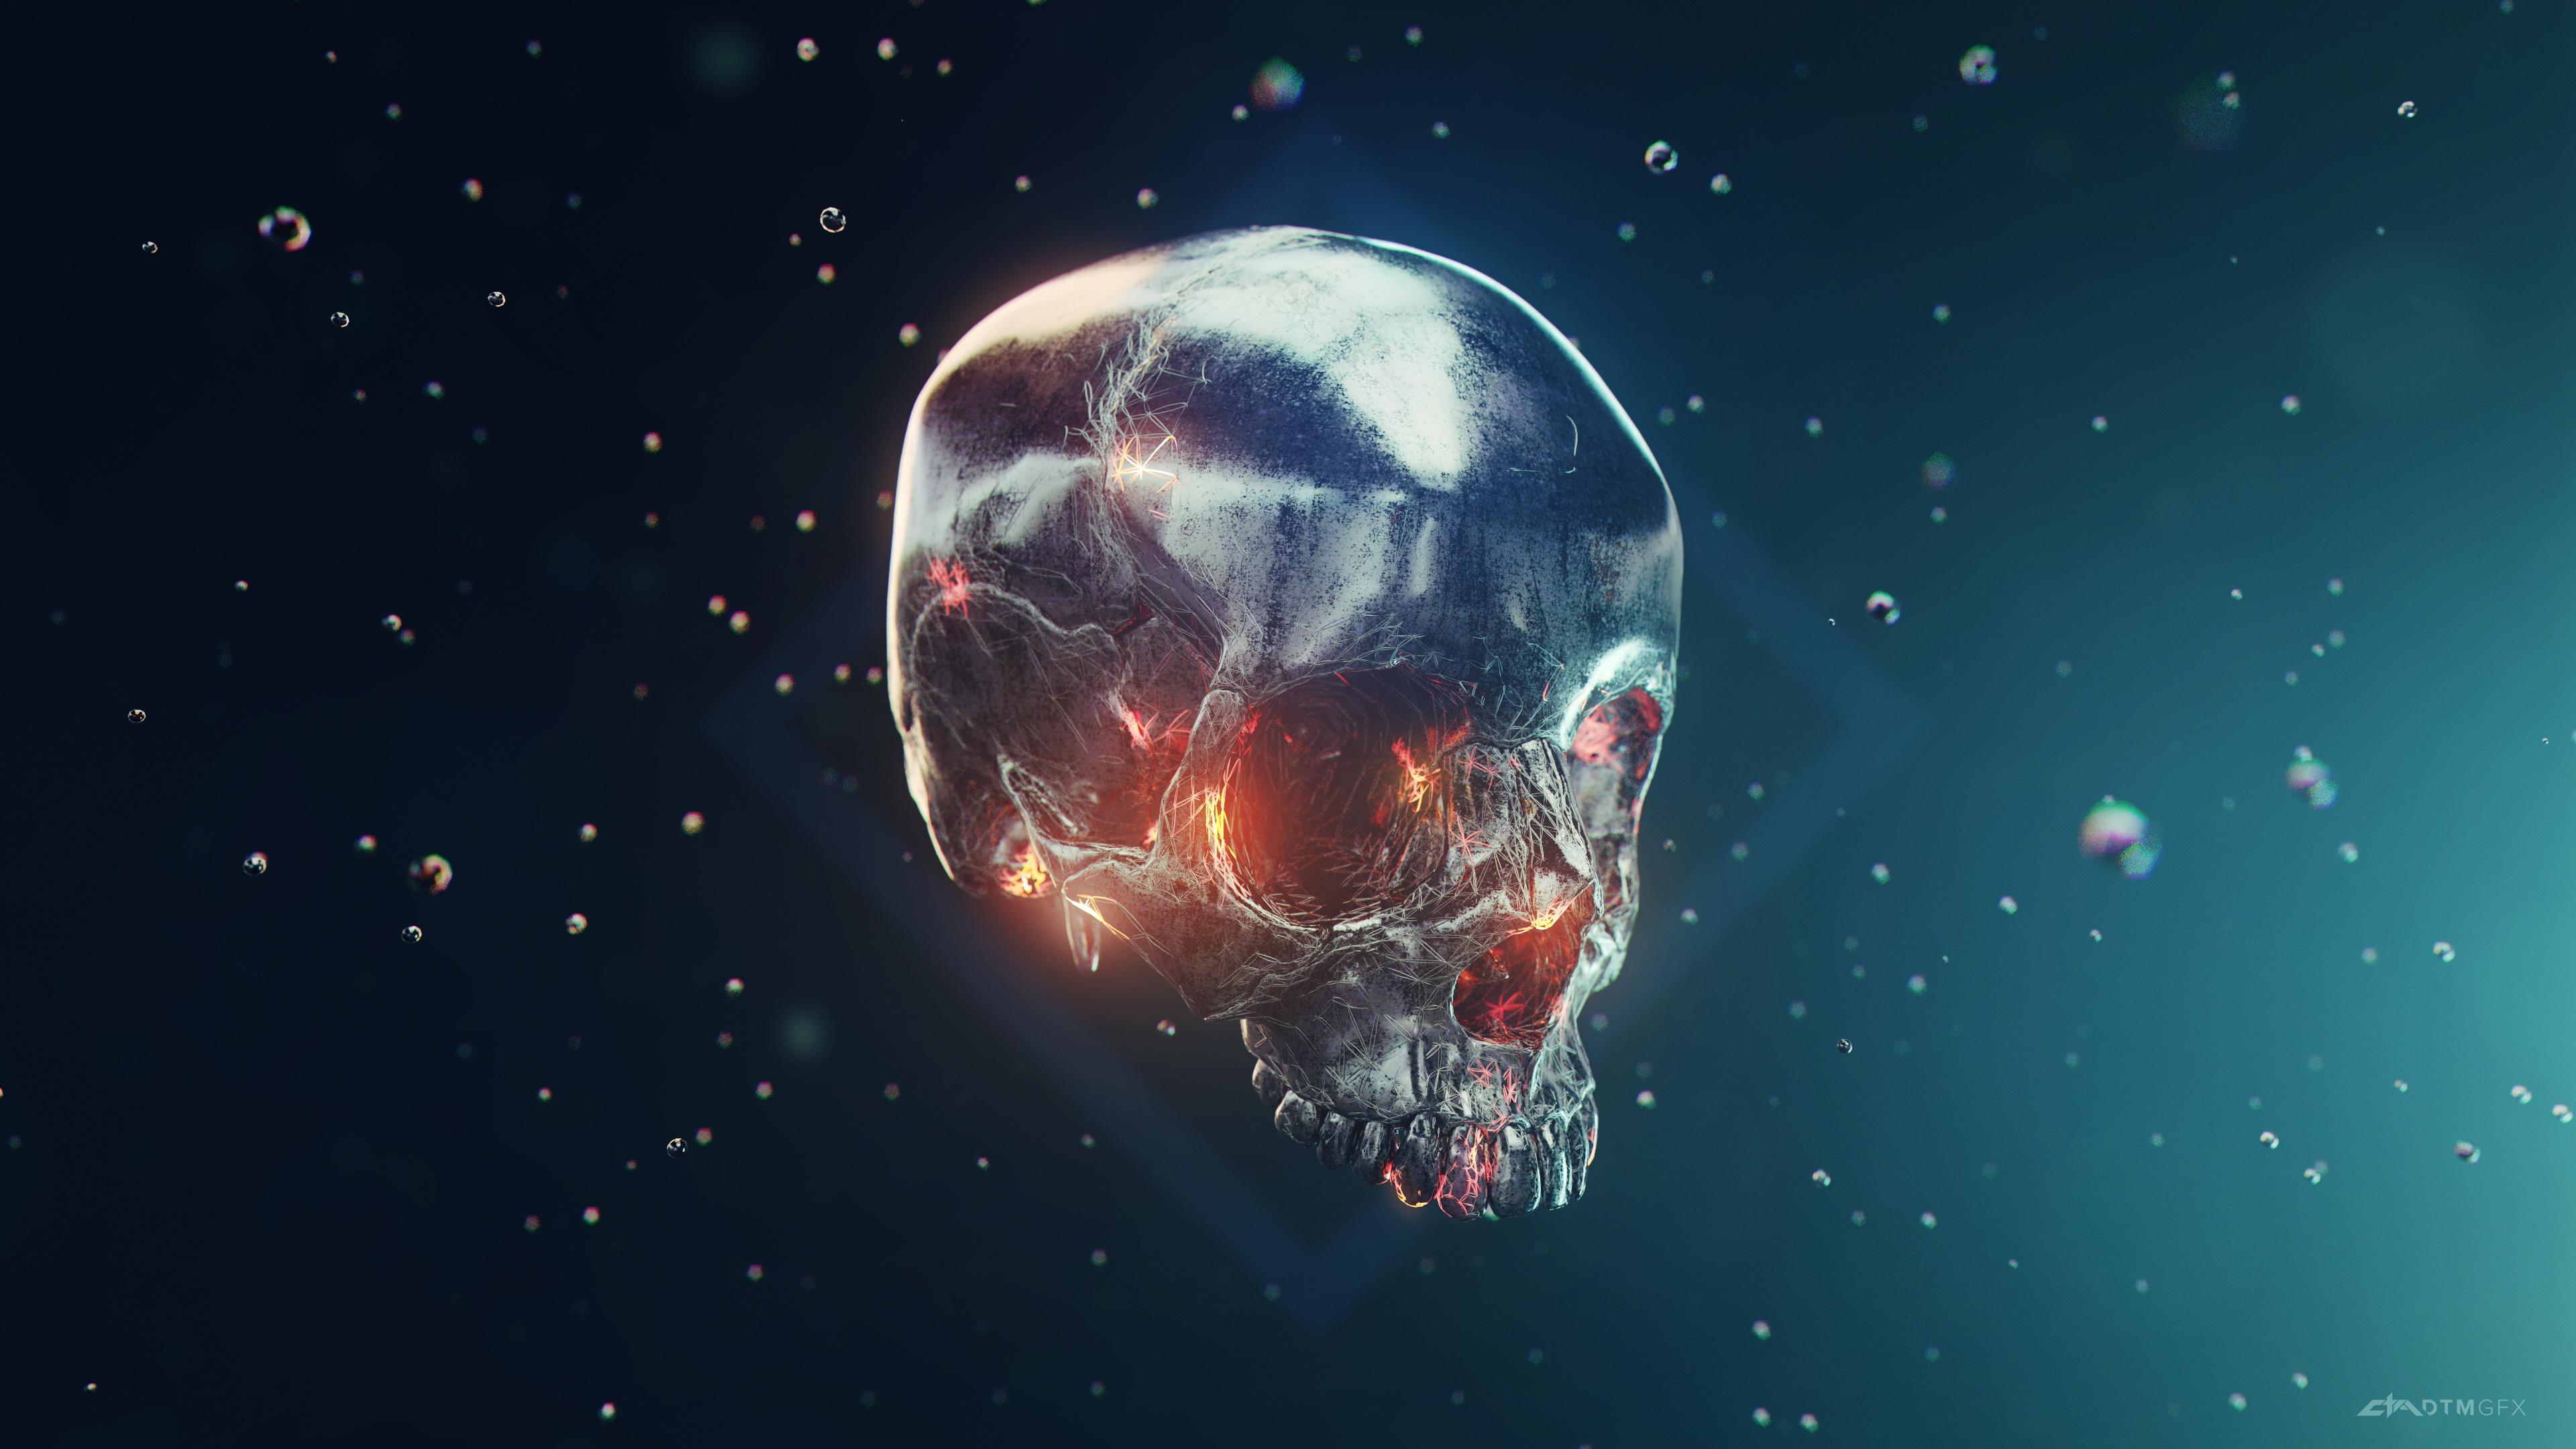 iron skull 4k 1540755834 - Iron Skull 4k - skull wallpapers, hd-wallpapers, digital art wallpapers, behance wallpapers, artwork wallpapers, artist wallpapers, 4k-wallpapers